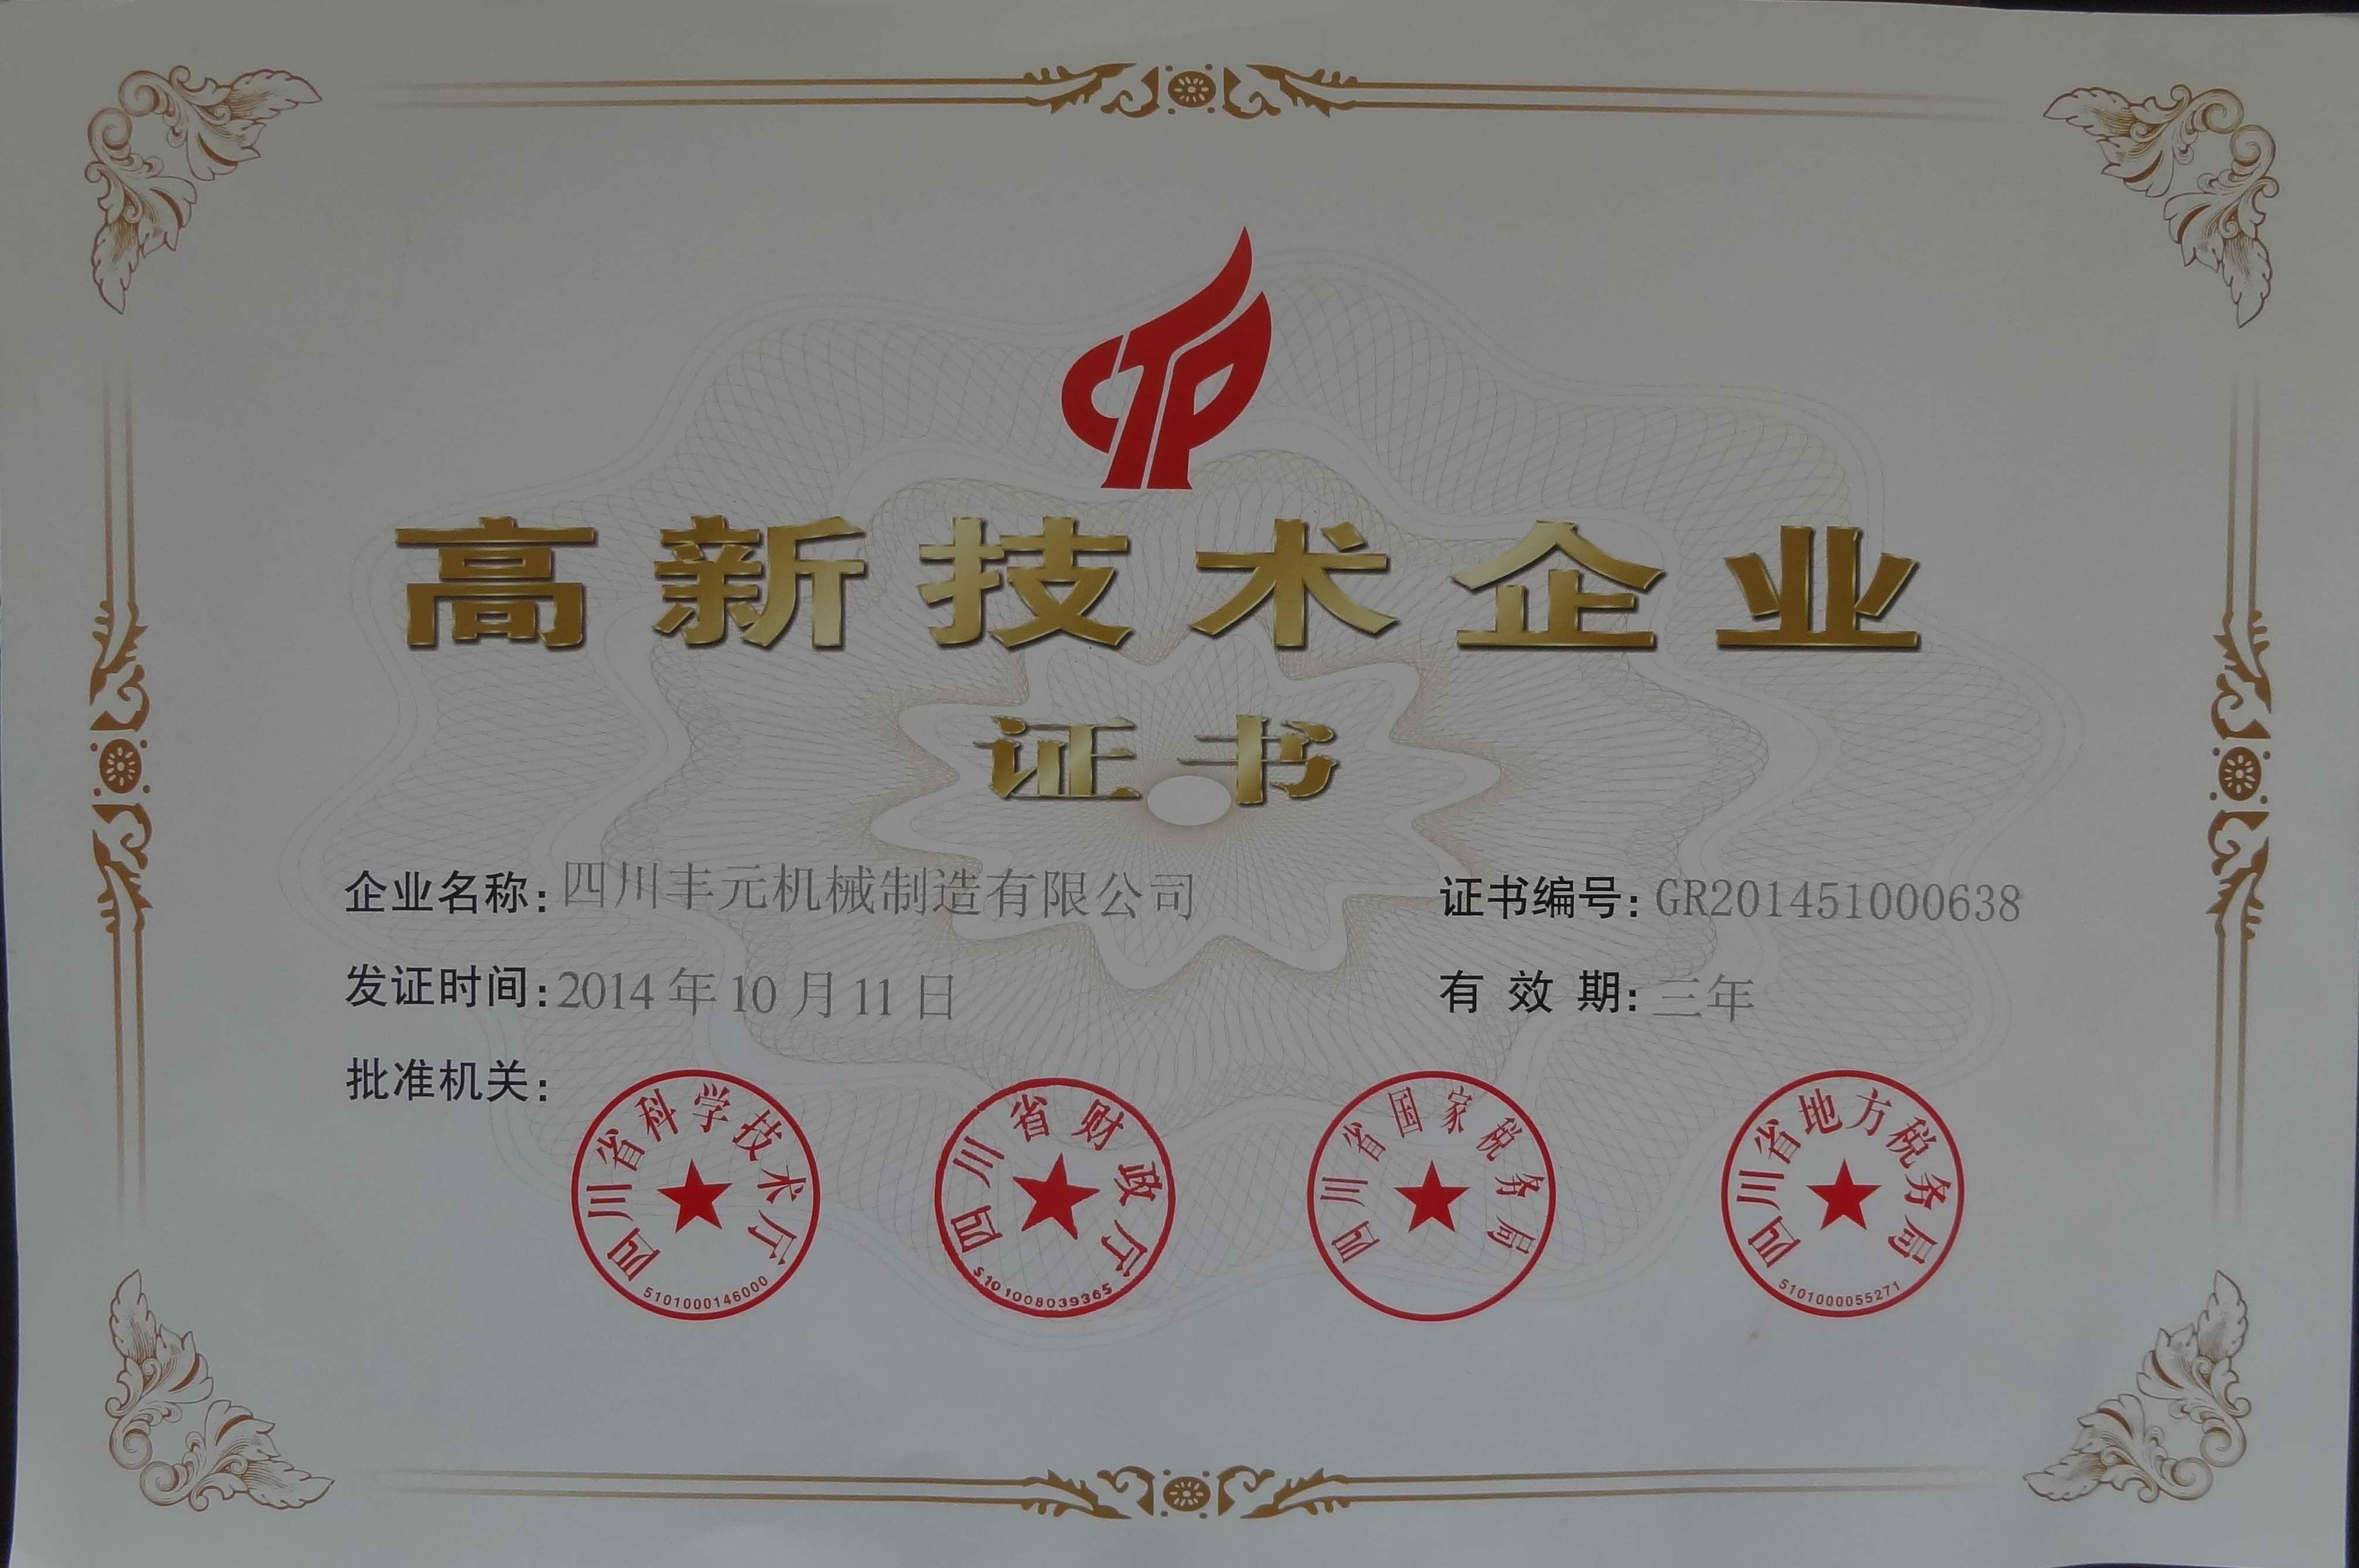 高新技术企业.JPG